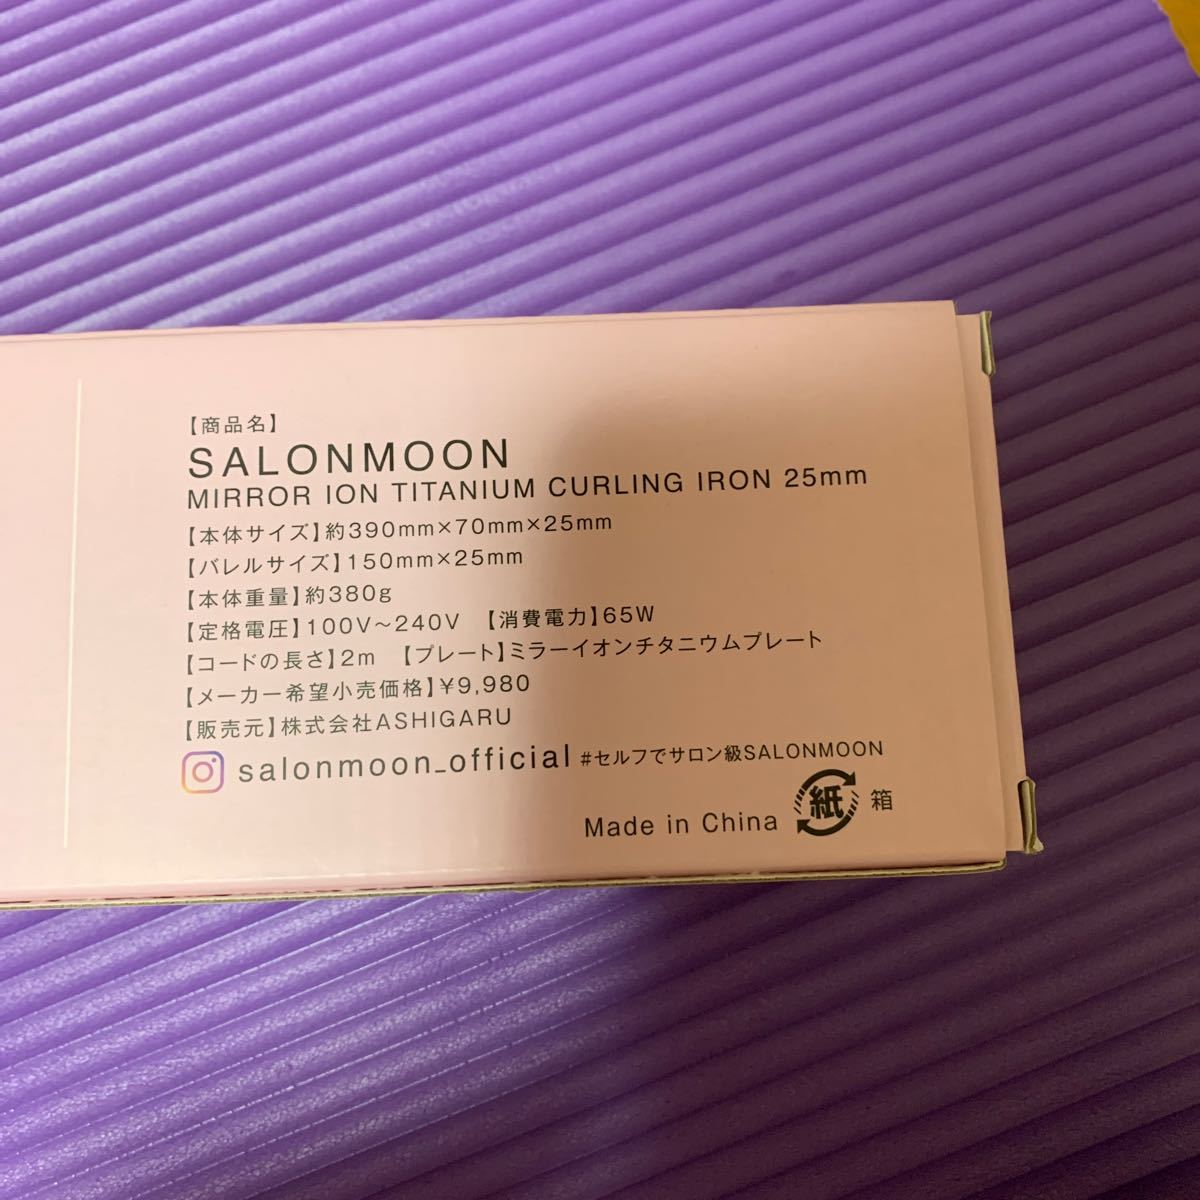 カールアイロン カールヘアアイロン コテ 25mm サロンムーン